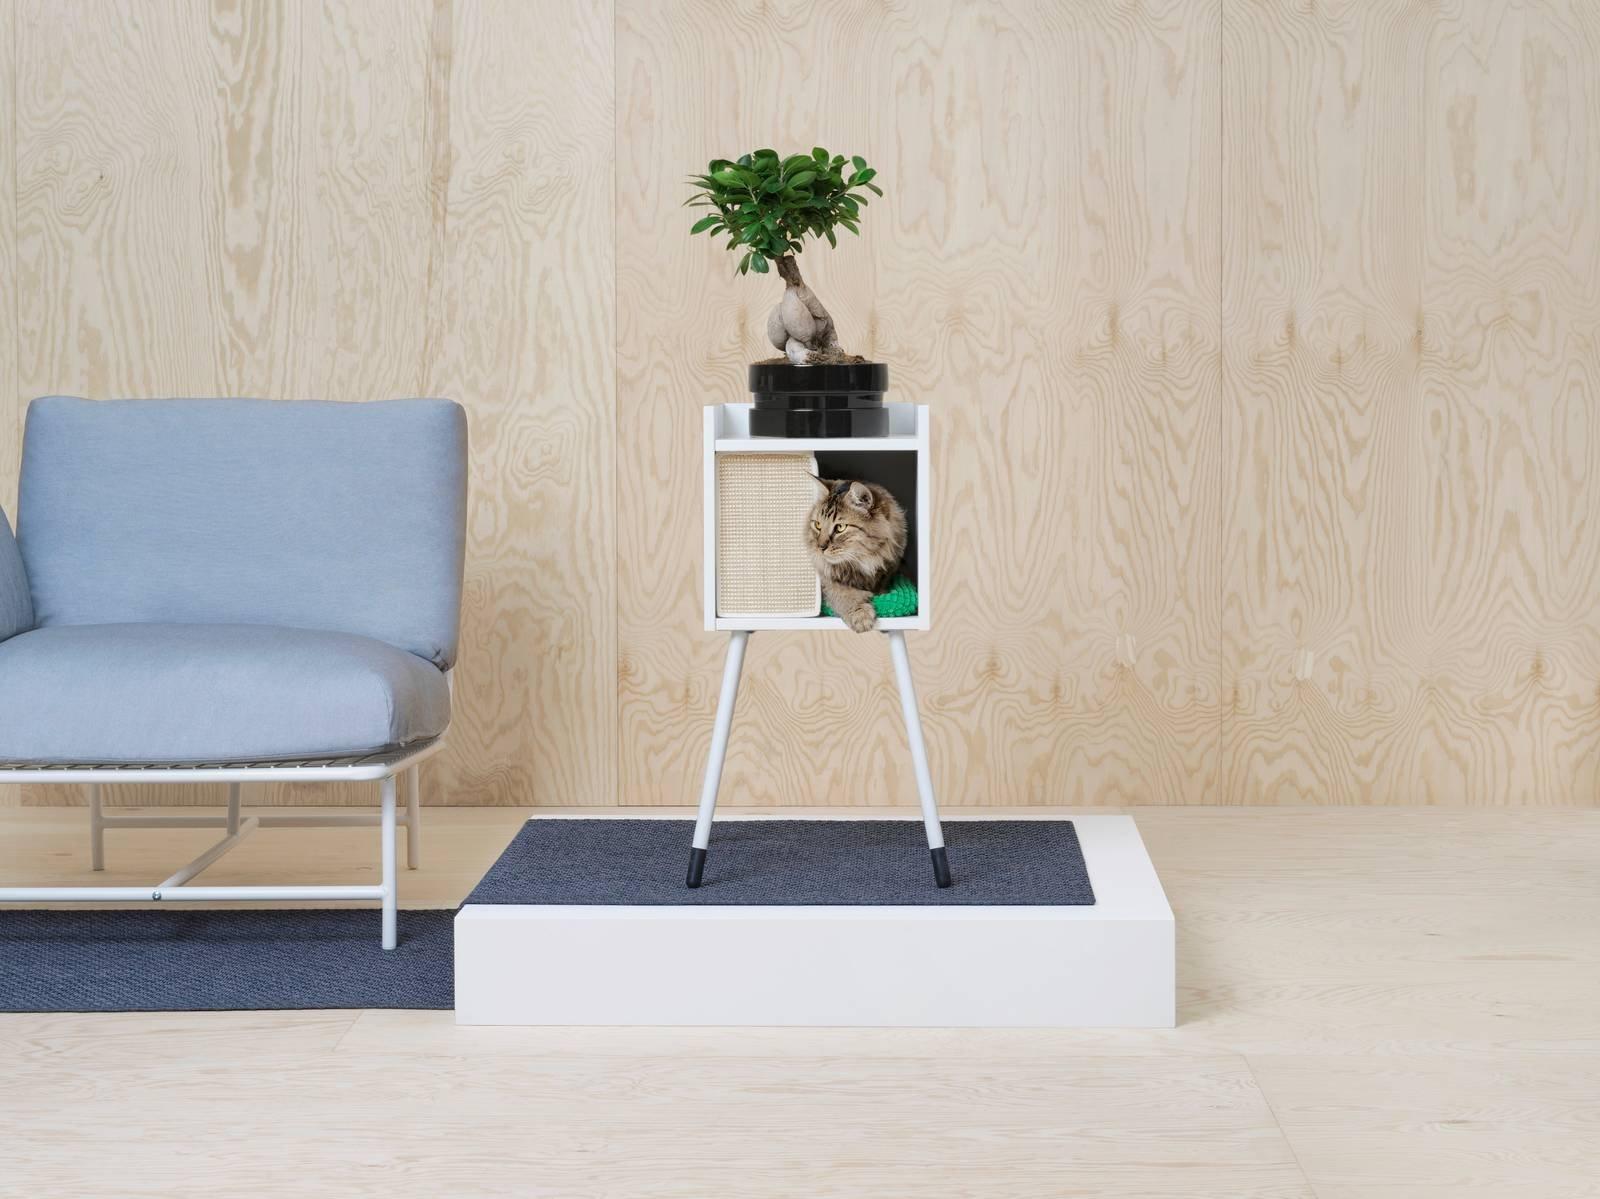 Gambe Per Mobili Ikea una collezione ikea per animali: lurvig, per i cani e i